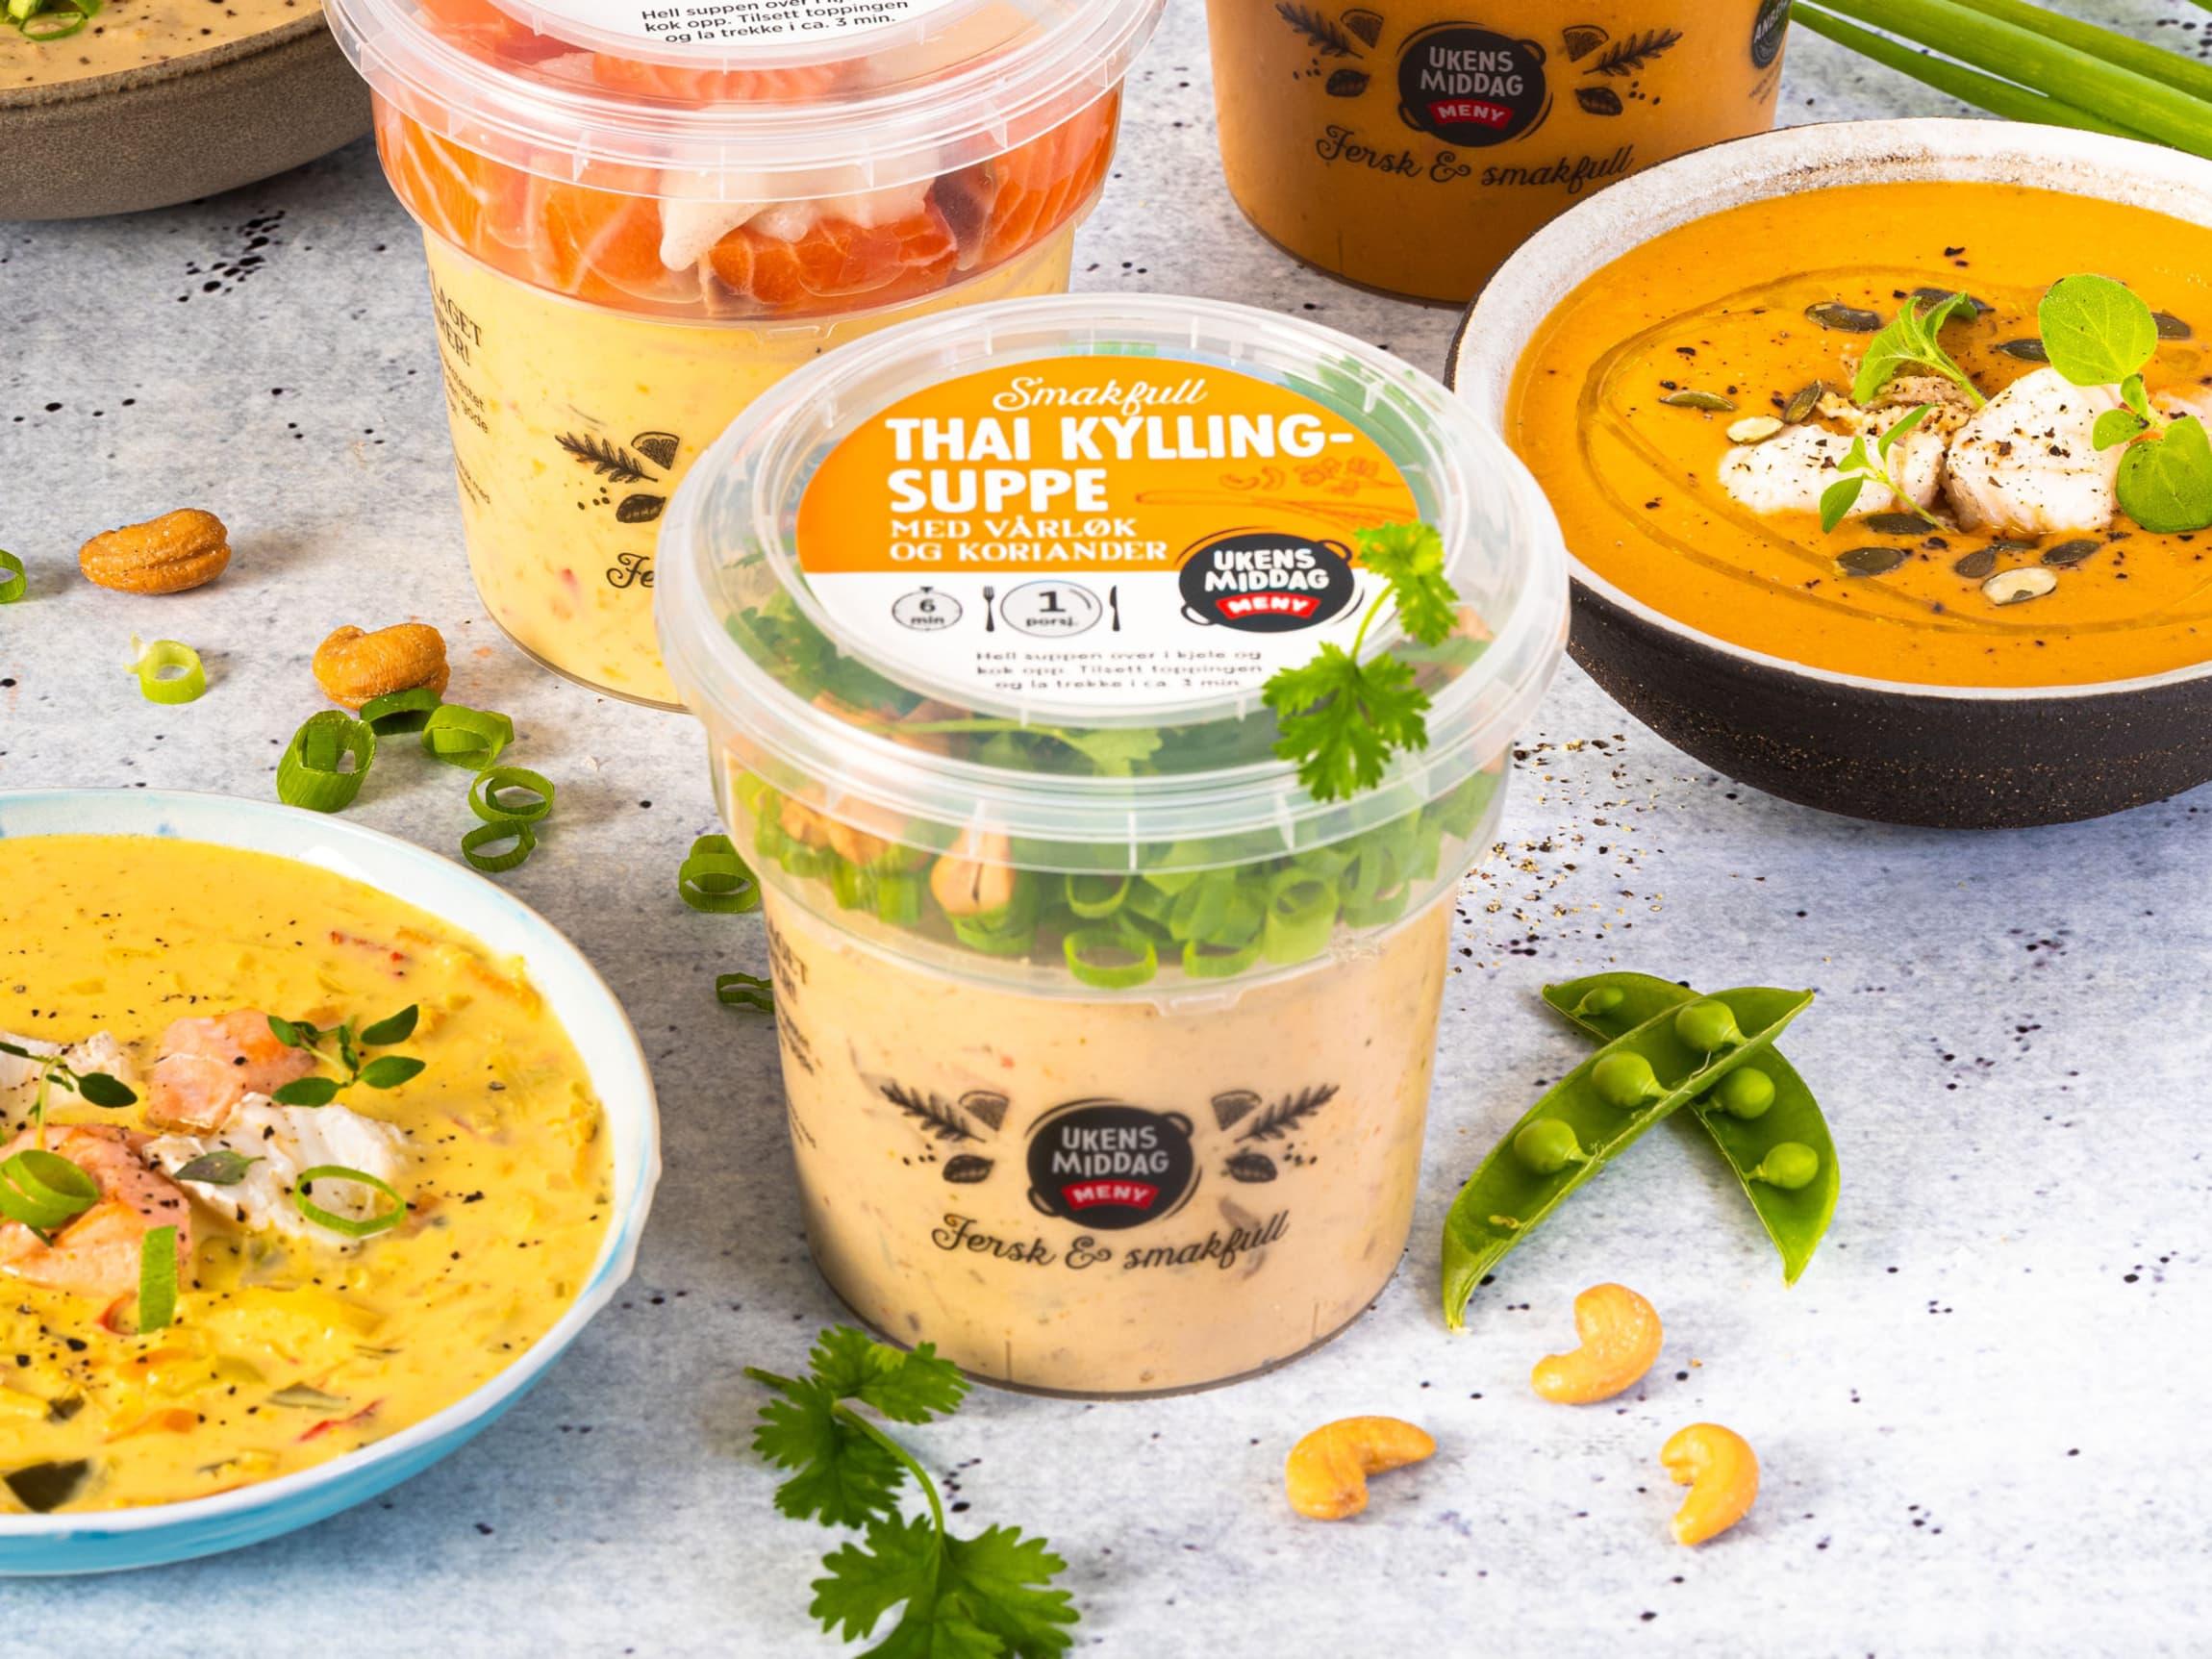 Med fersk topping og gode råvarer i suppa, er disse suppene noe for seg selv!